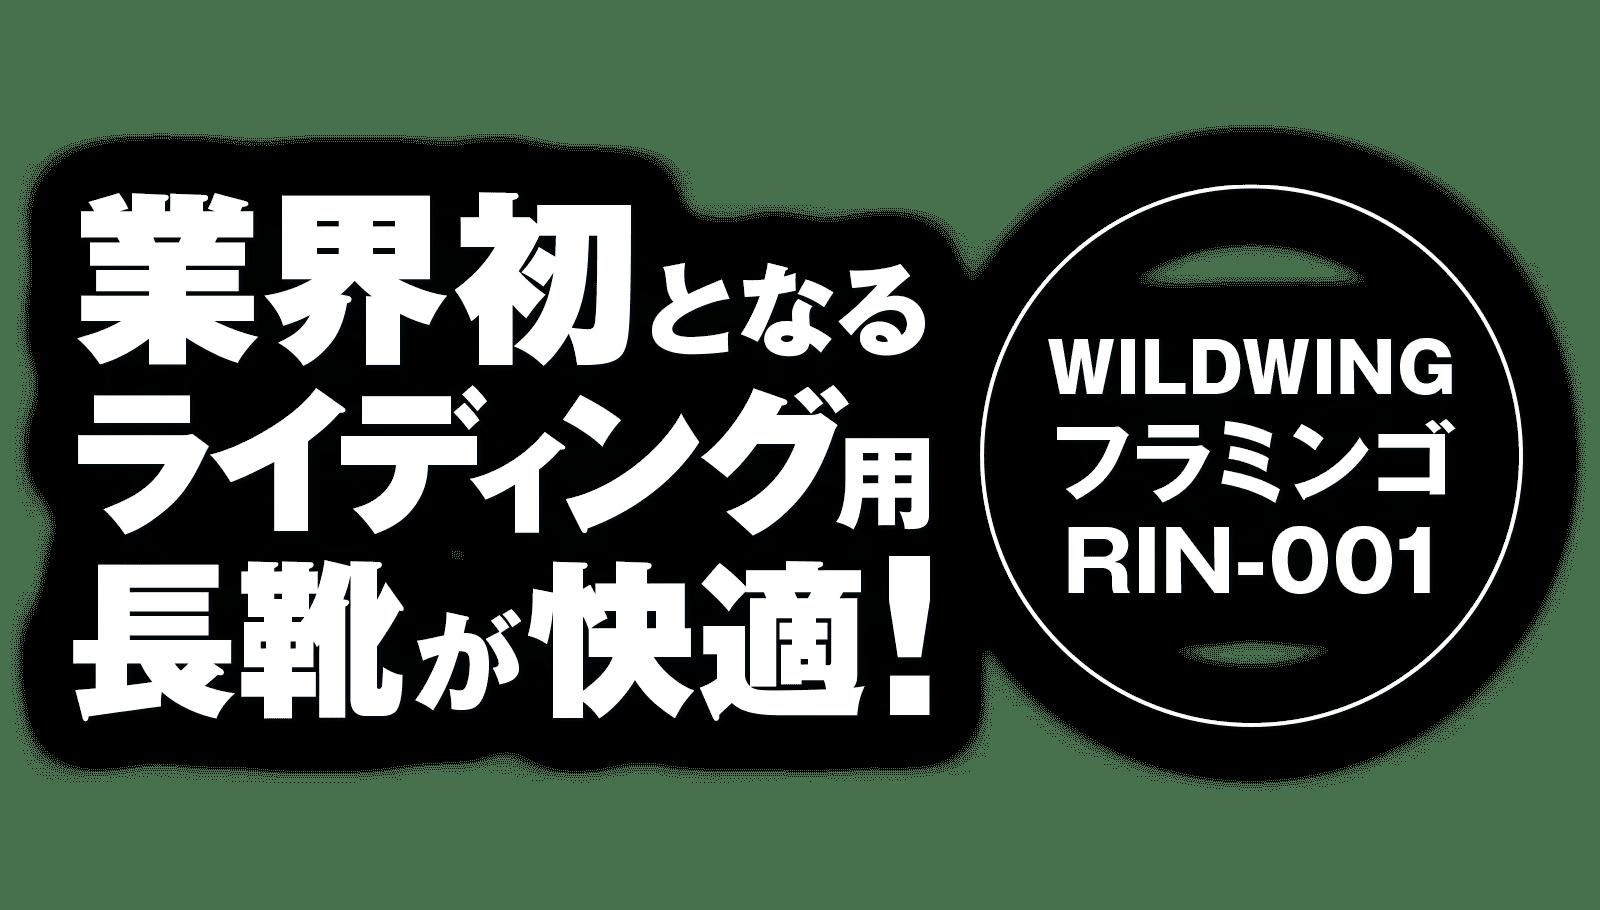 業界初となるライディング用長靴が快適! WILDWING フラミンゴ RIN-001